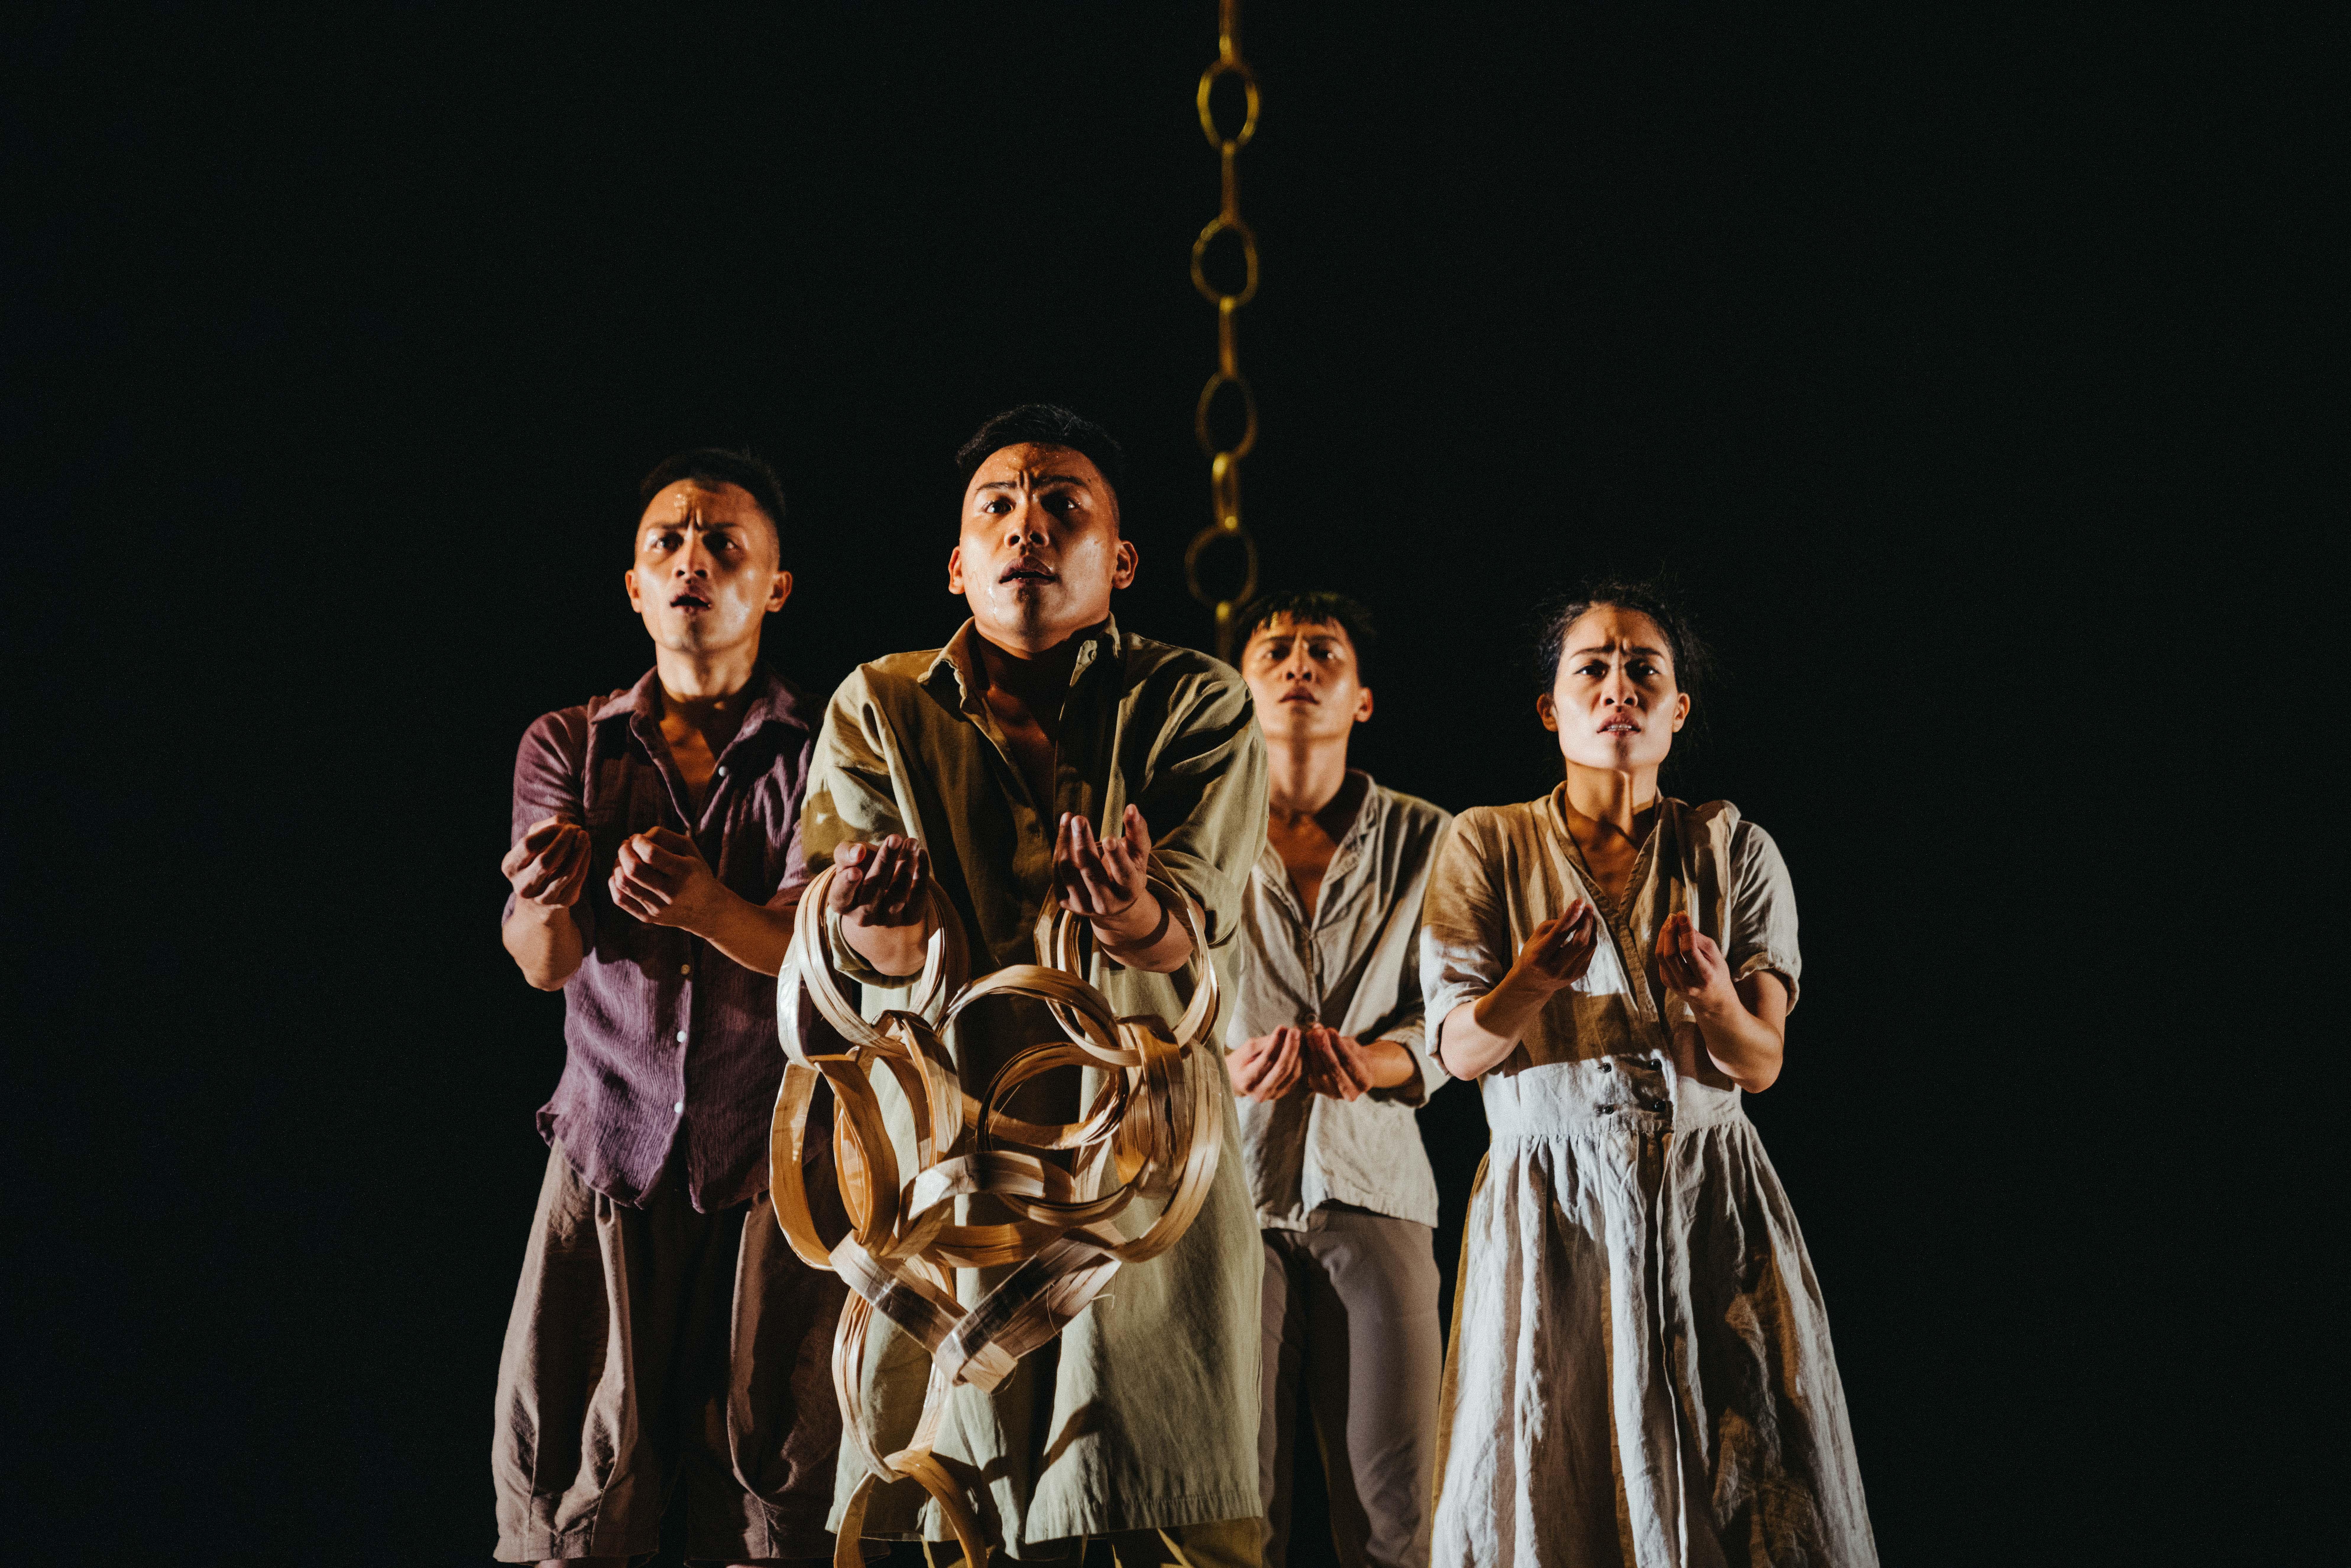 (開新視窗)連至 蒂摩爾古薪舞集〈蒂摩爾當代肢體解碼〉劇照 完整照片